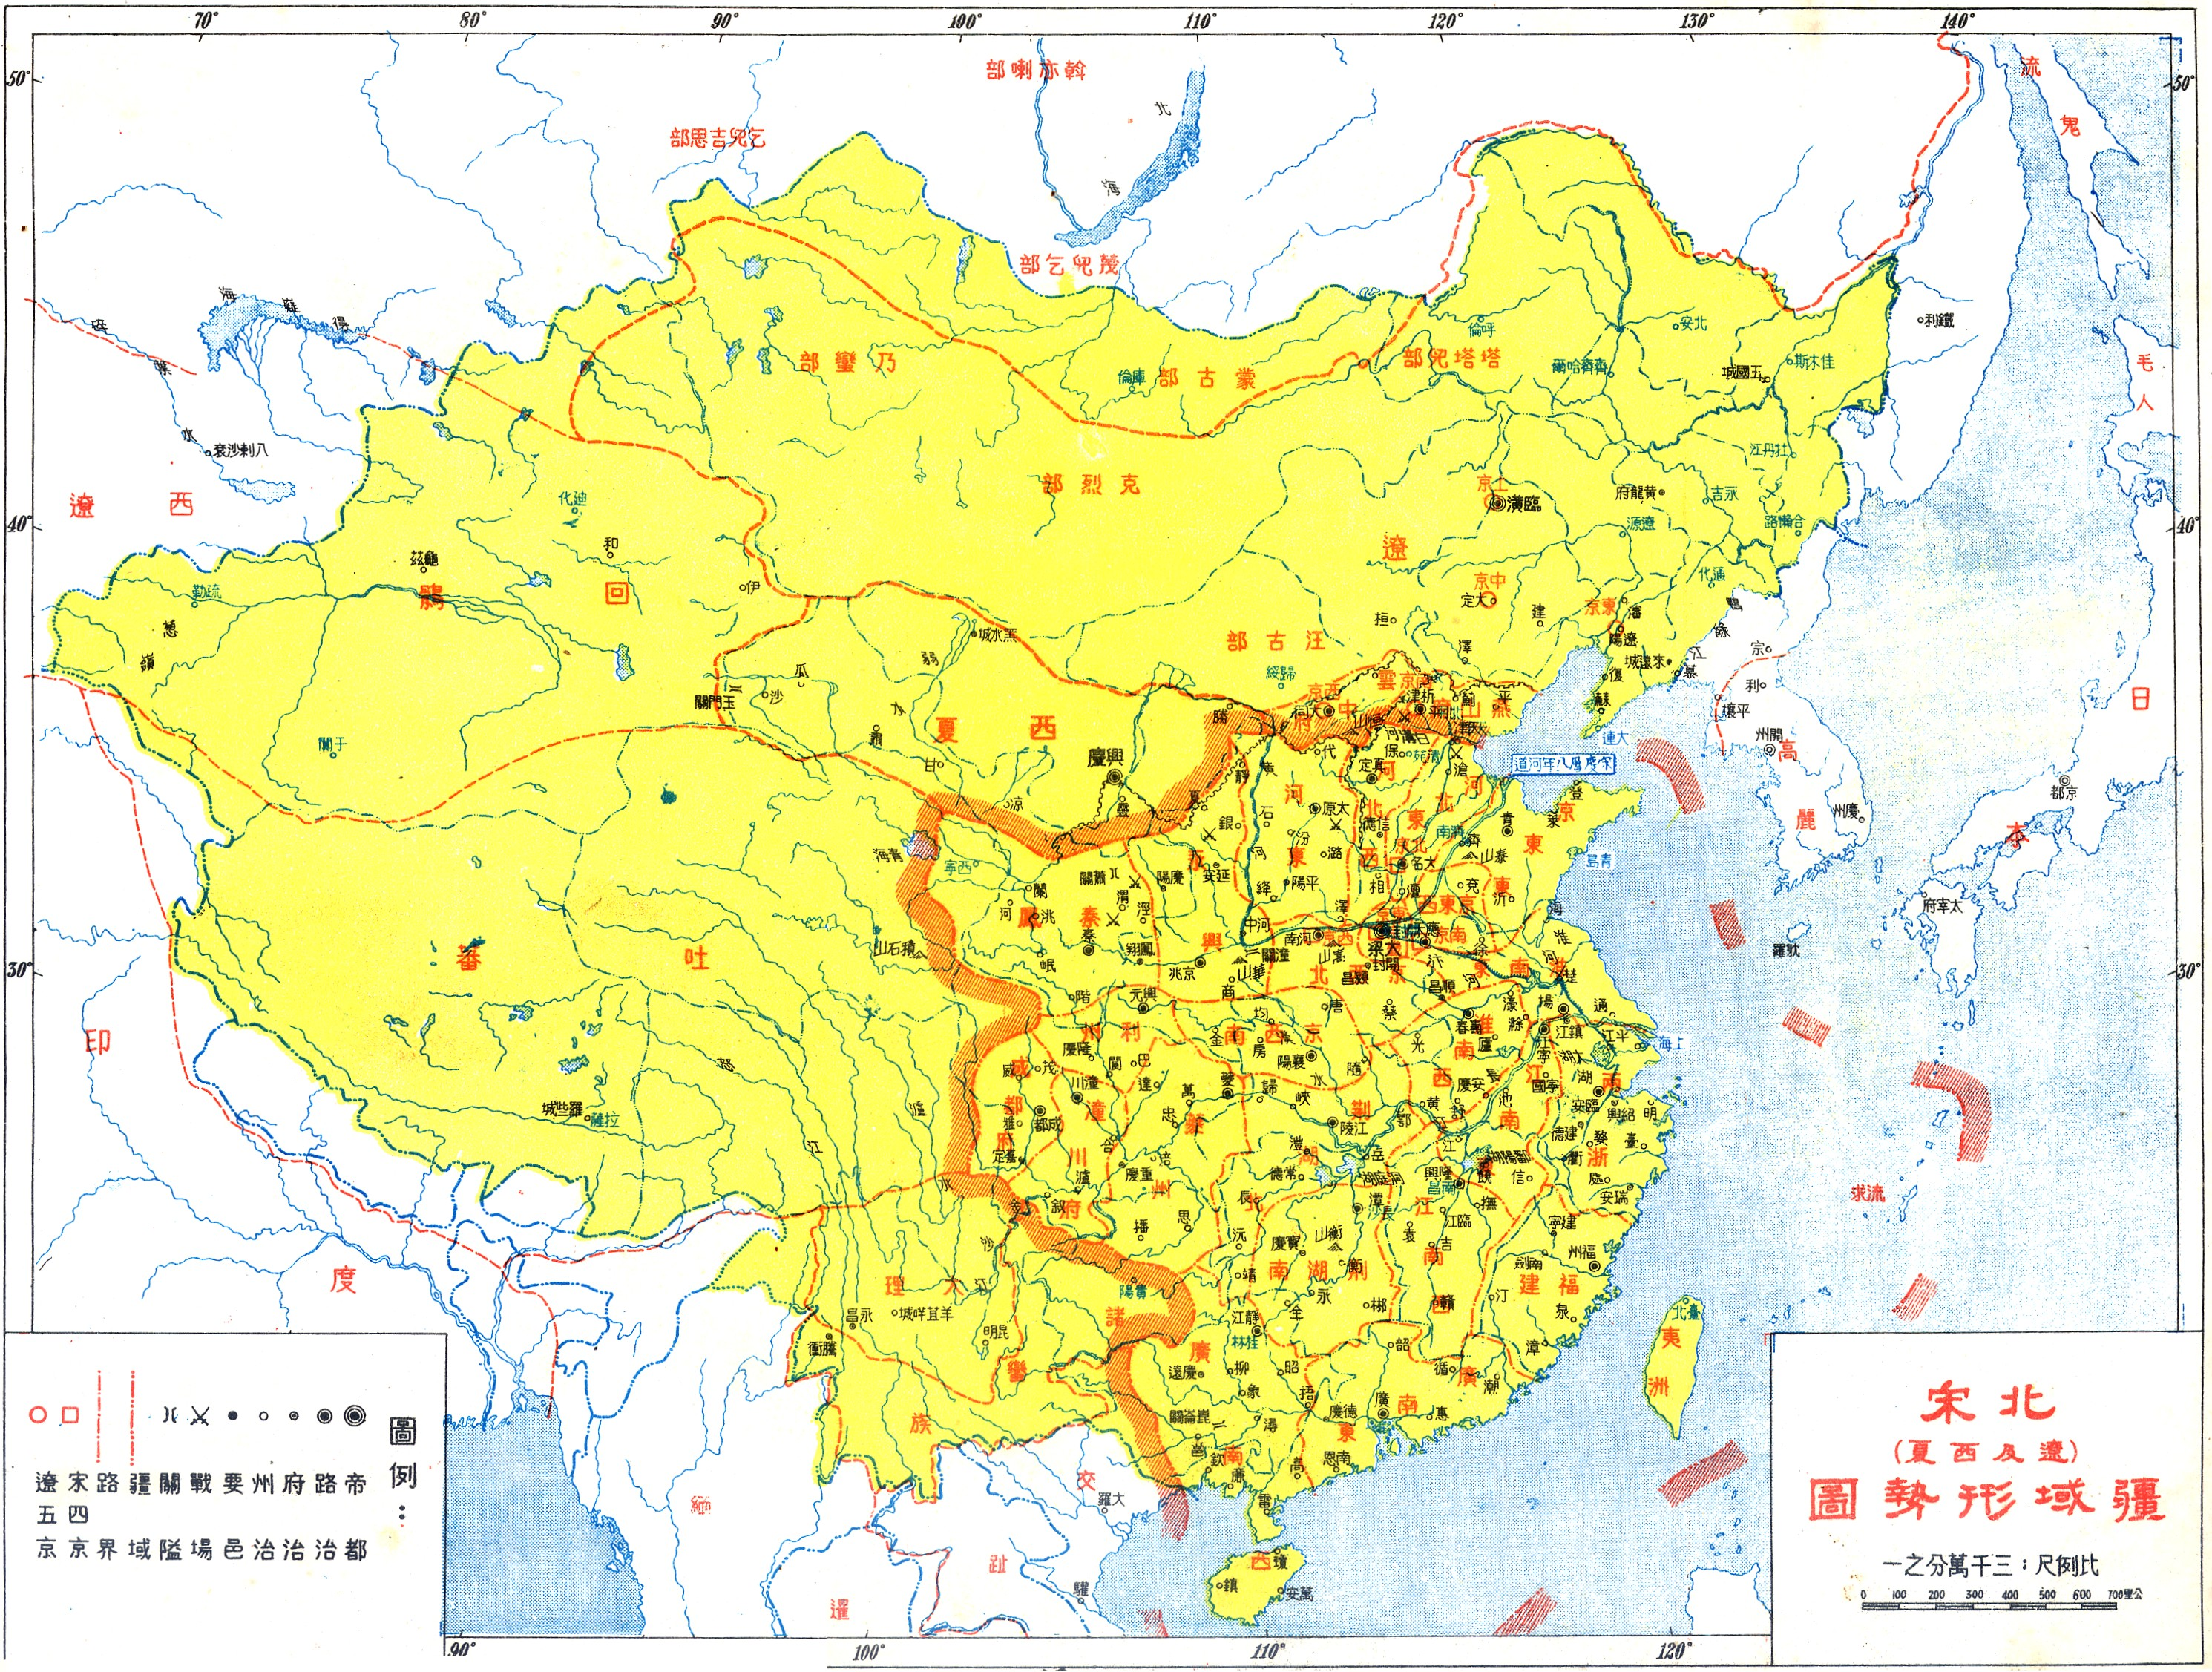 北宋(遼及西夏)疆域形勢圖